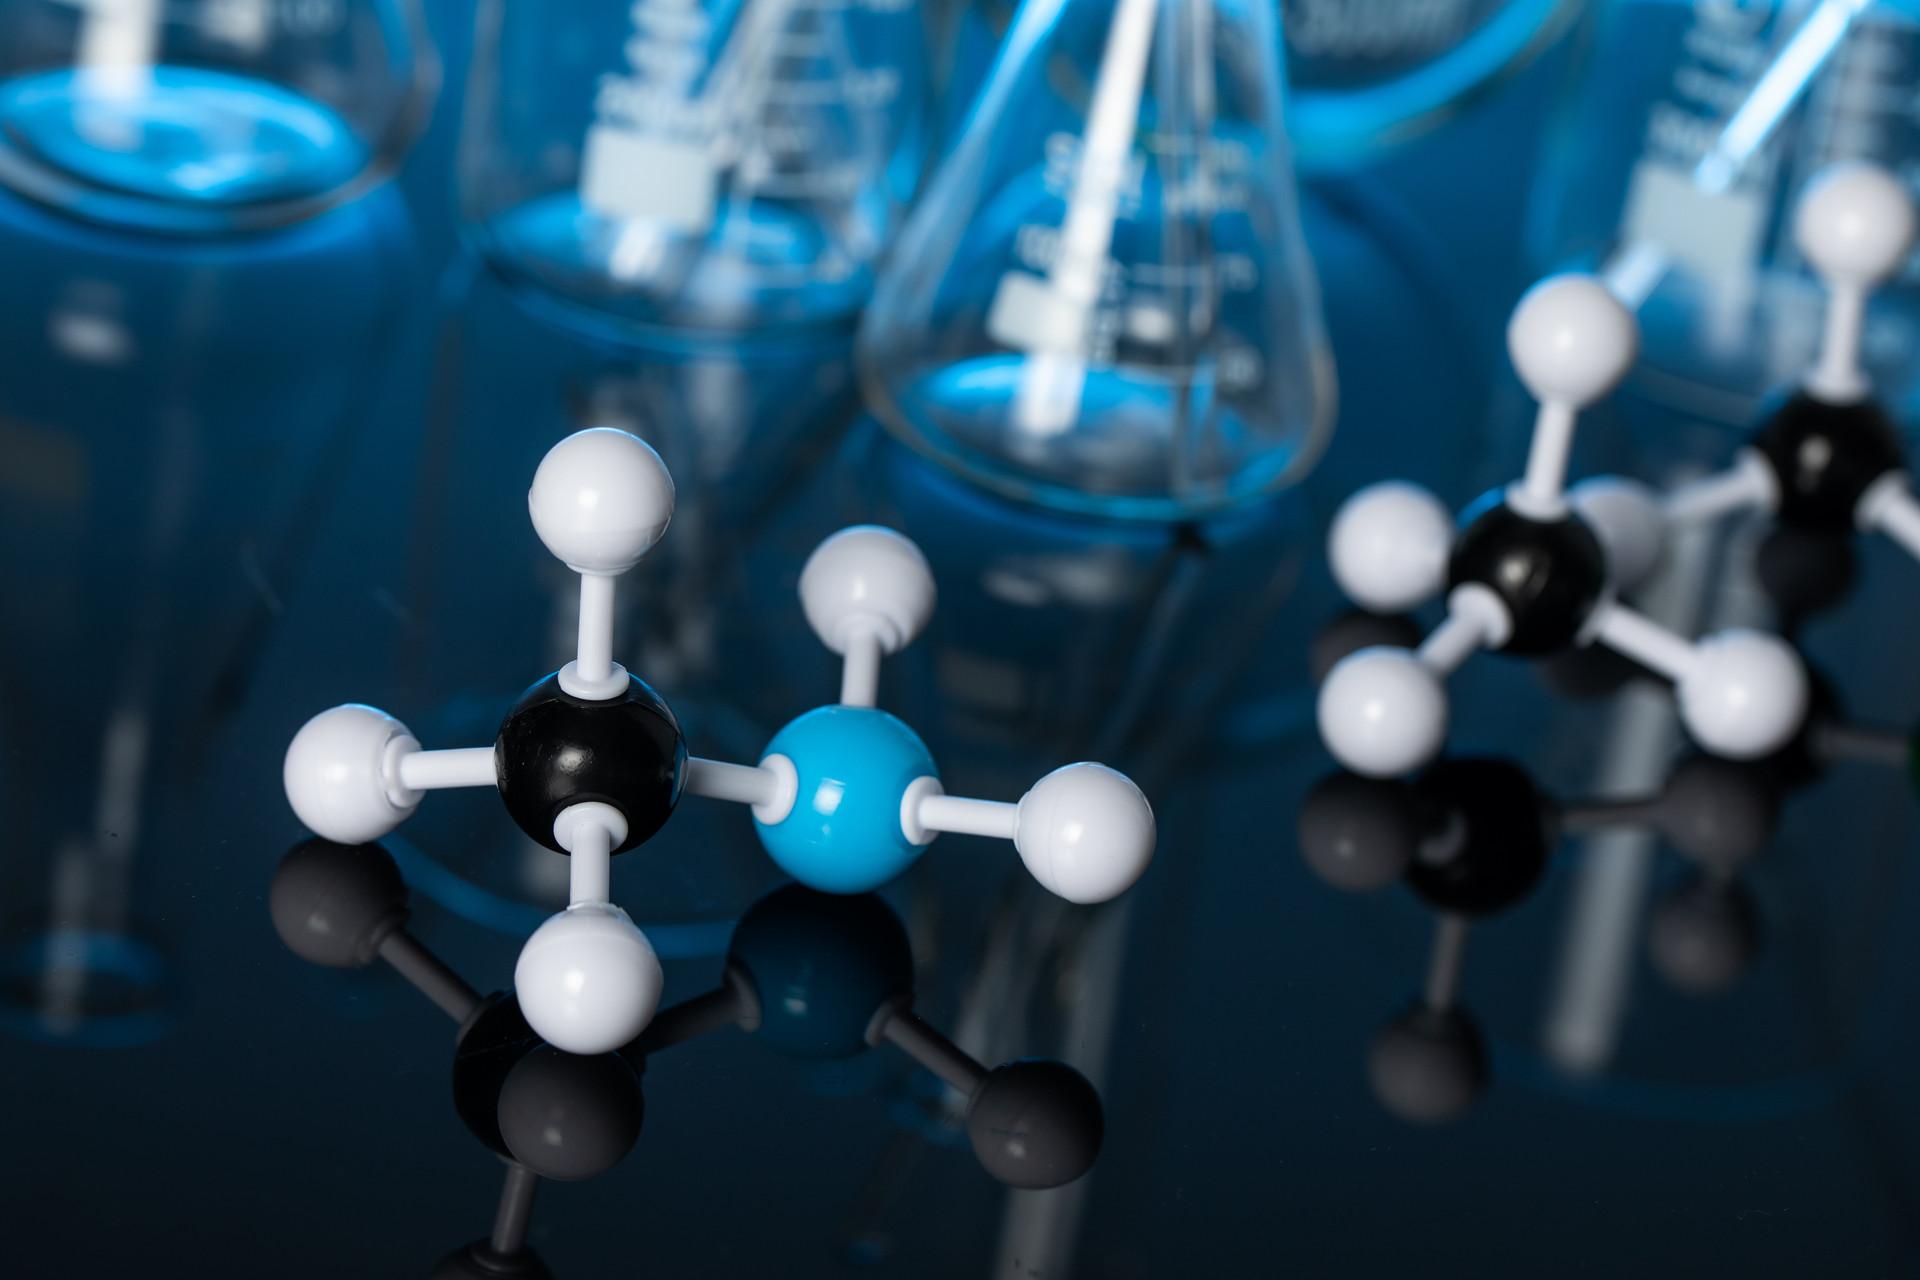 格力开始发力工业领域 将投10亿生产高端医疗设备